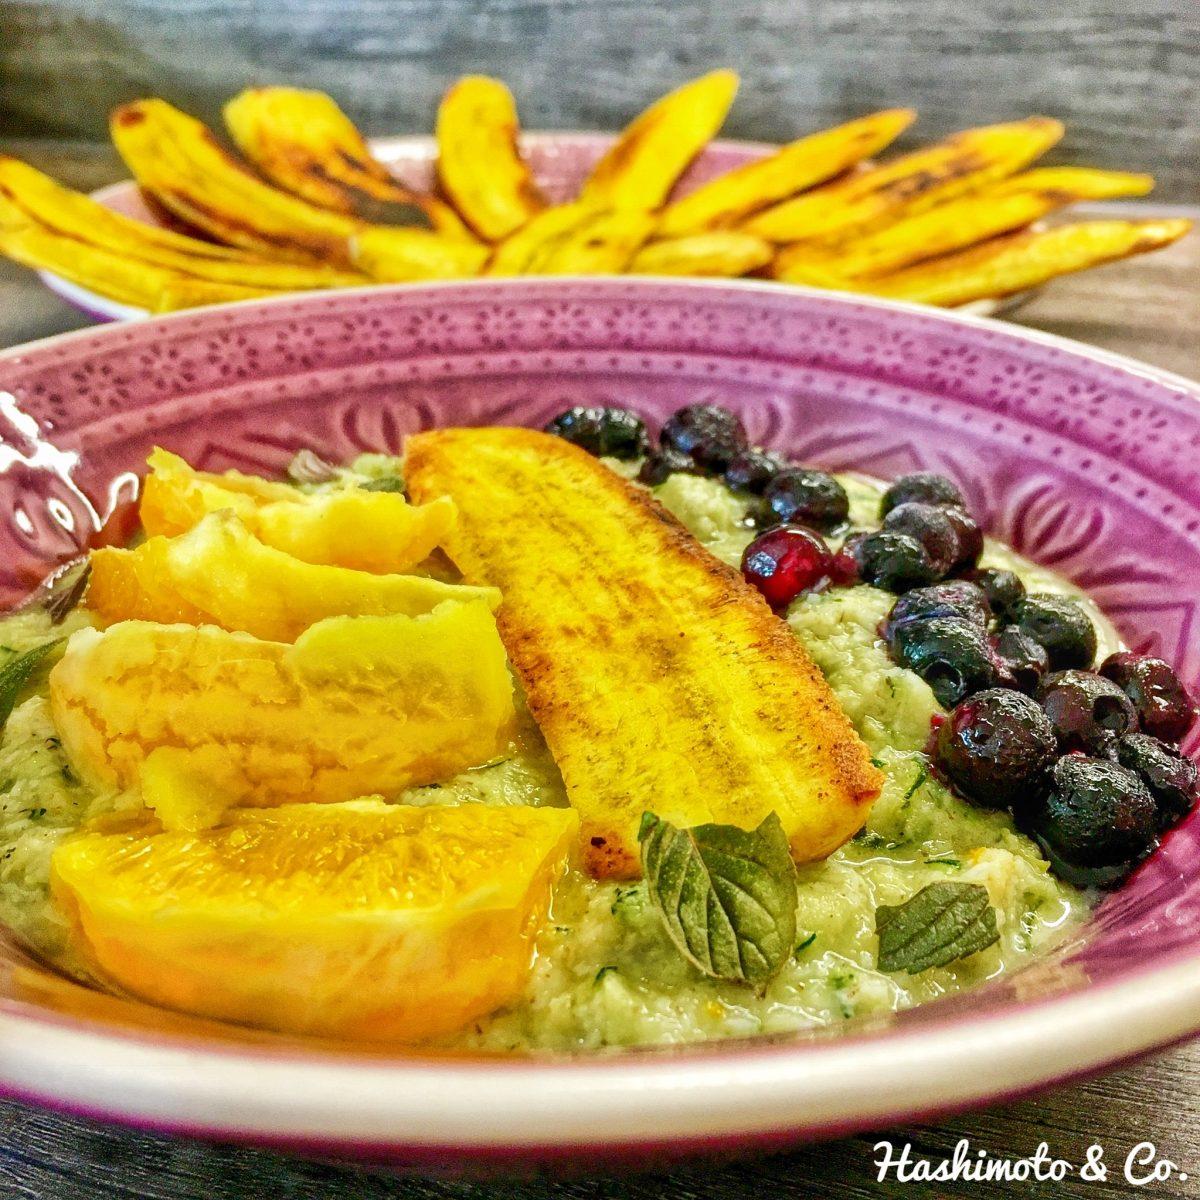 Erdmandel-Porridge mit geraspelter Zucchini, Kochbanane, Orange und Blaubeeren.